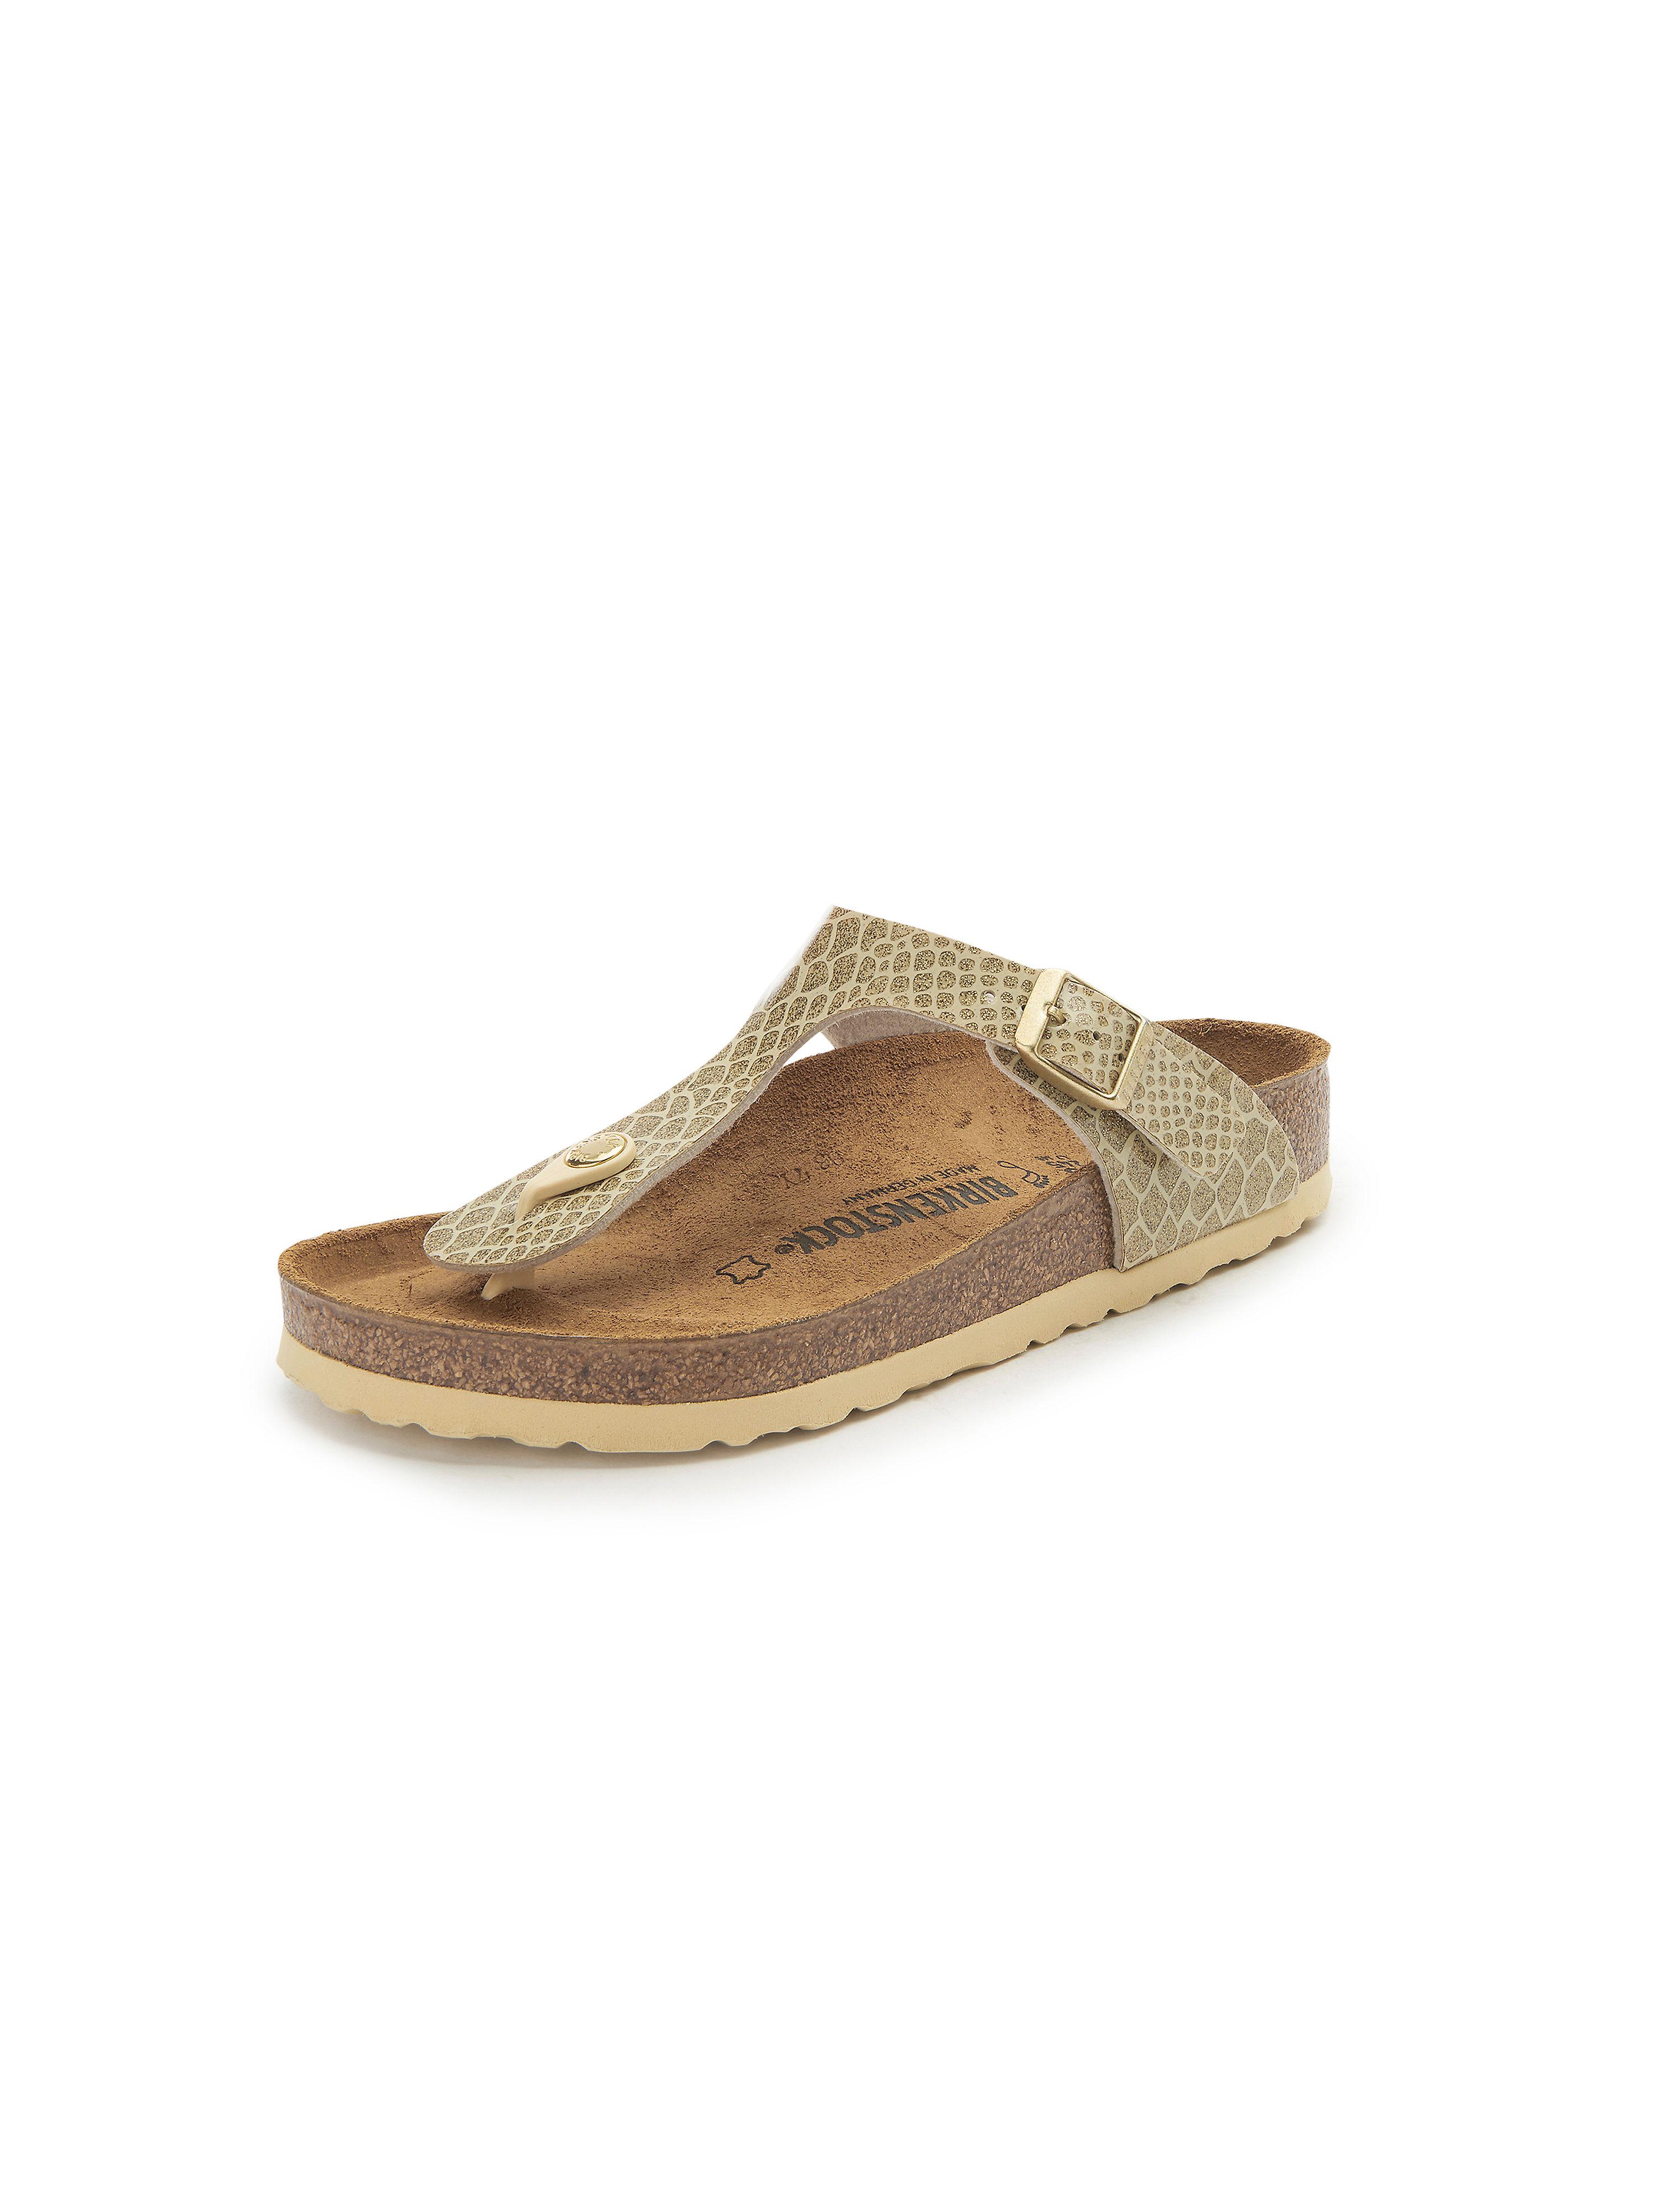 Zehentrenner-Pantolette Gizeh Birkenstock gold | Schuhe > Sandalen & Zehentrenner > Zehentrenner | Latex | Birkenstock